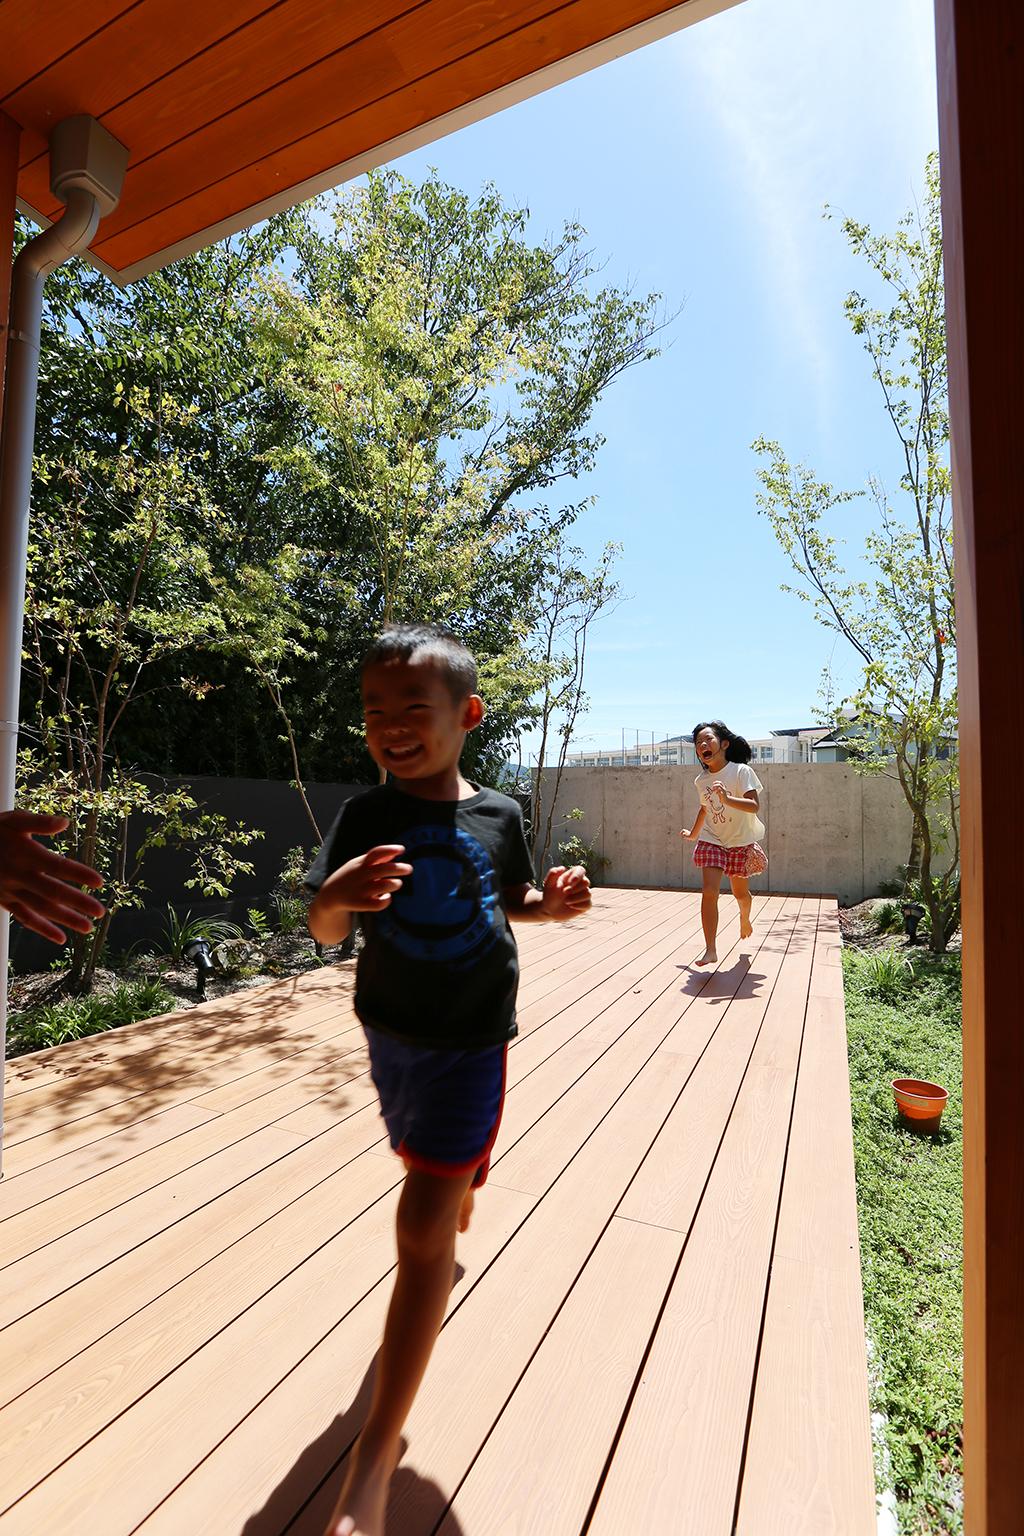 洲本市の木の家 ウッドデッキで遊ぶ子ども達